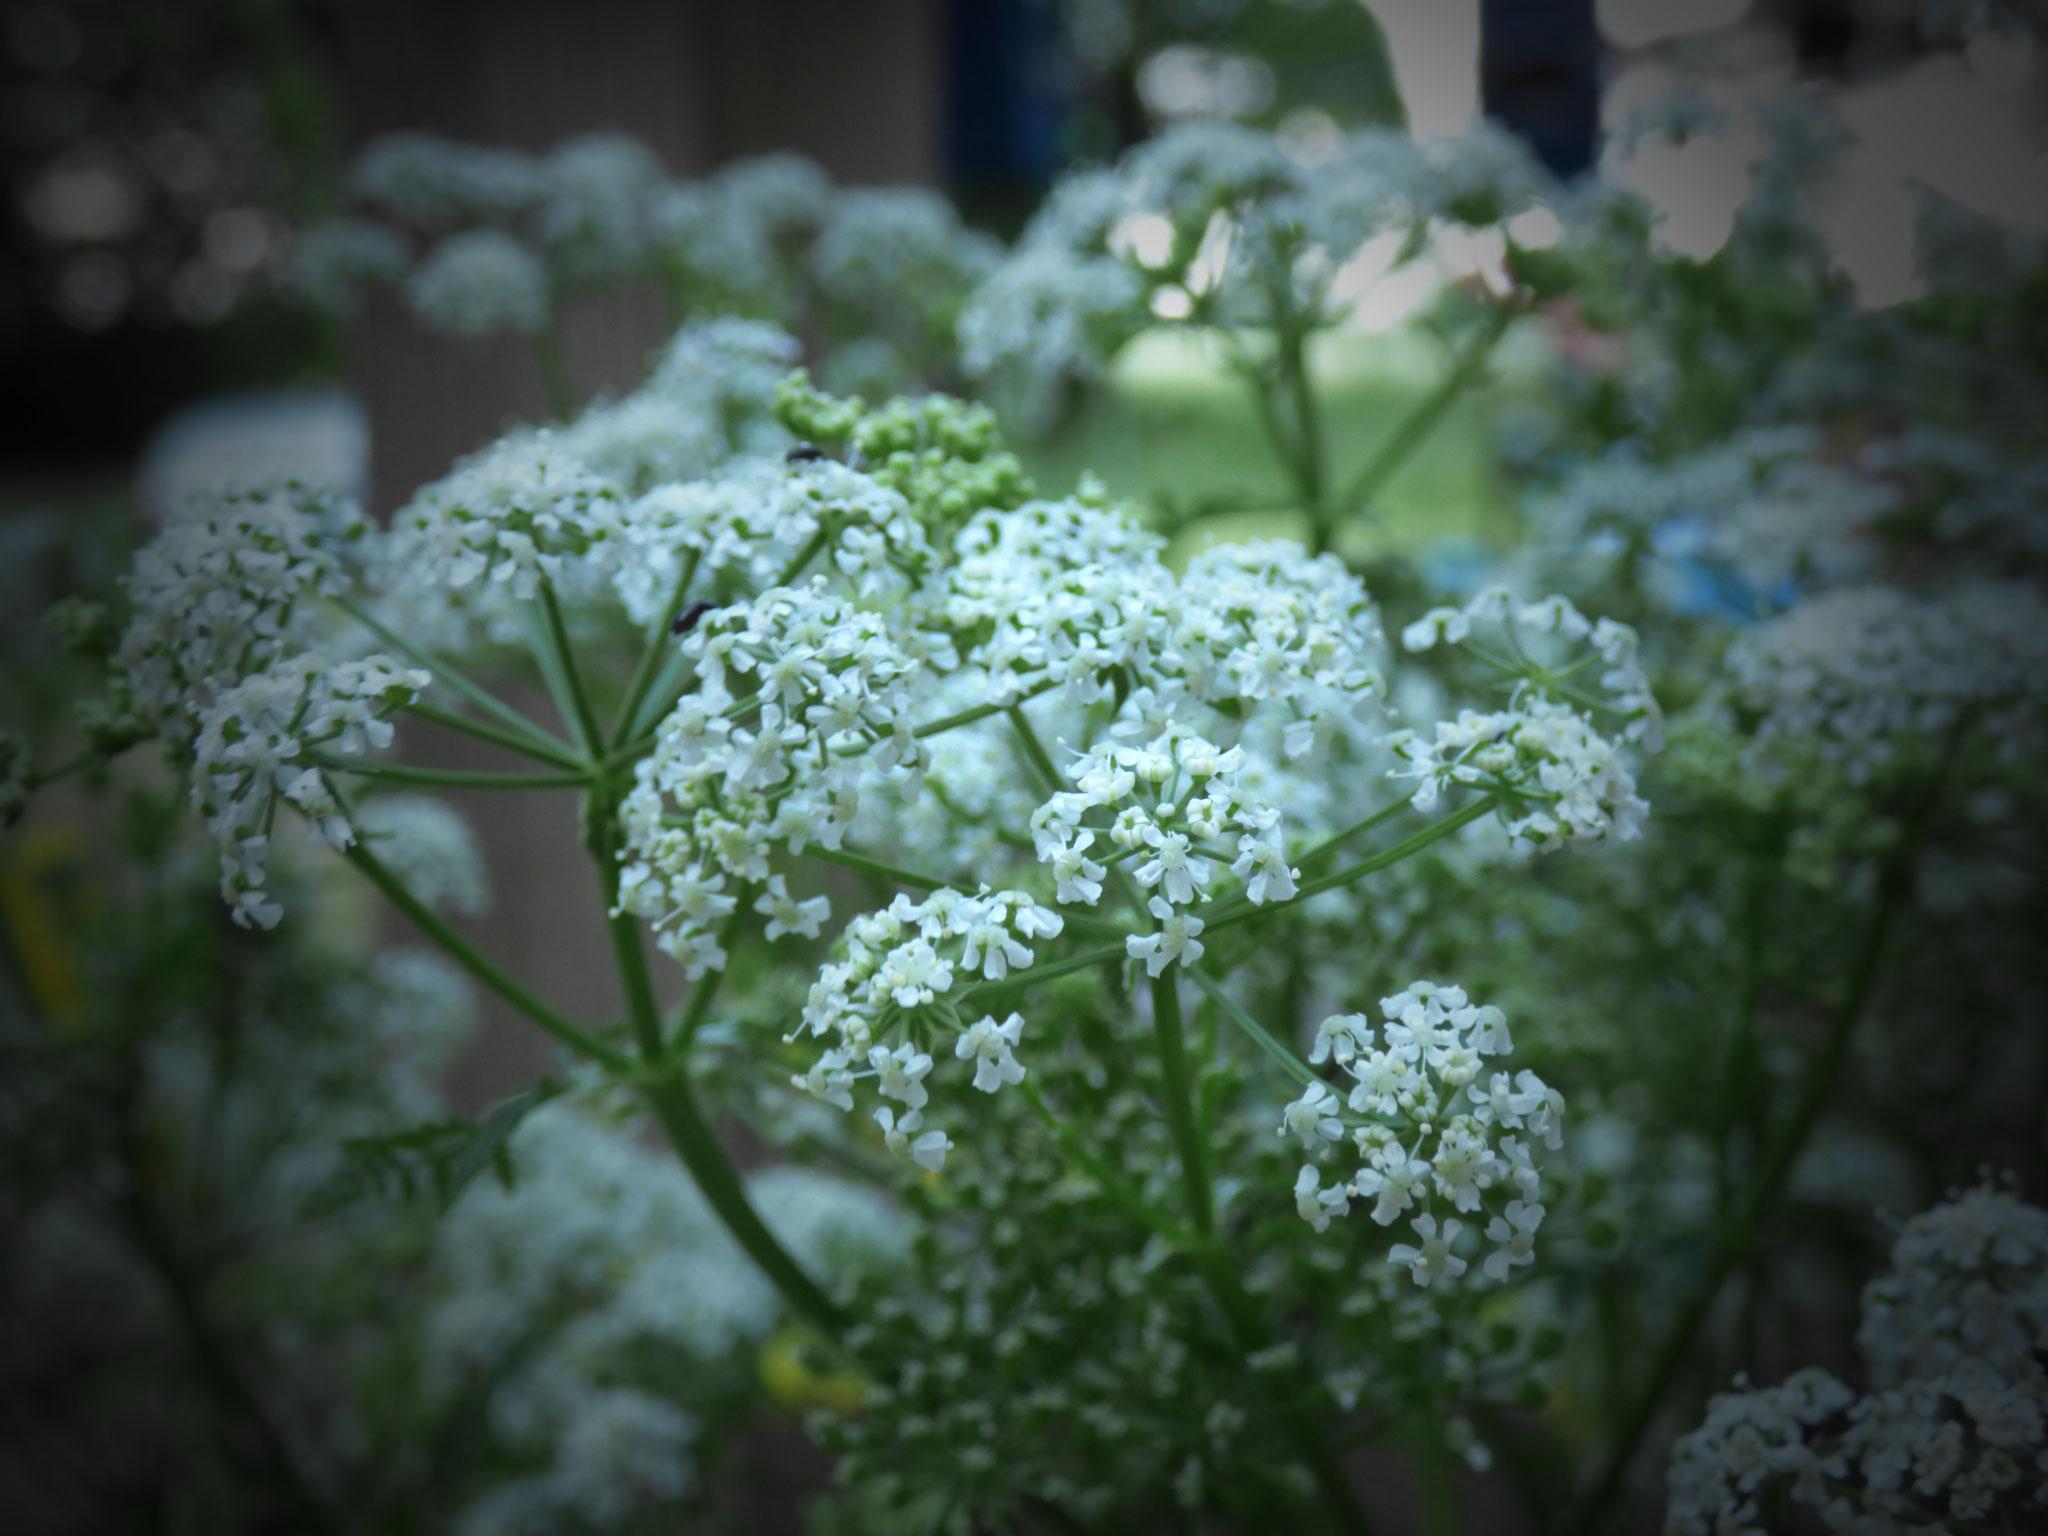 Die Wilde Möhre steht oft unbeachtet am Wegesrand, dabei ist sie vor allem getrocknet ein echtes Highlight, denn dann sieht die Blüte aus wie ein kleiner Blumenstrauß.